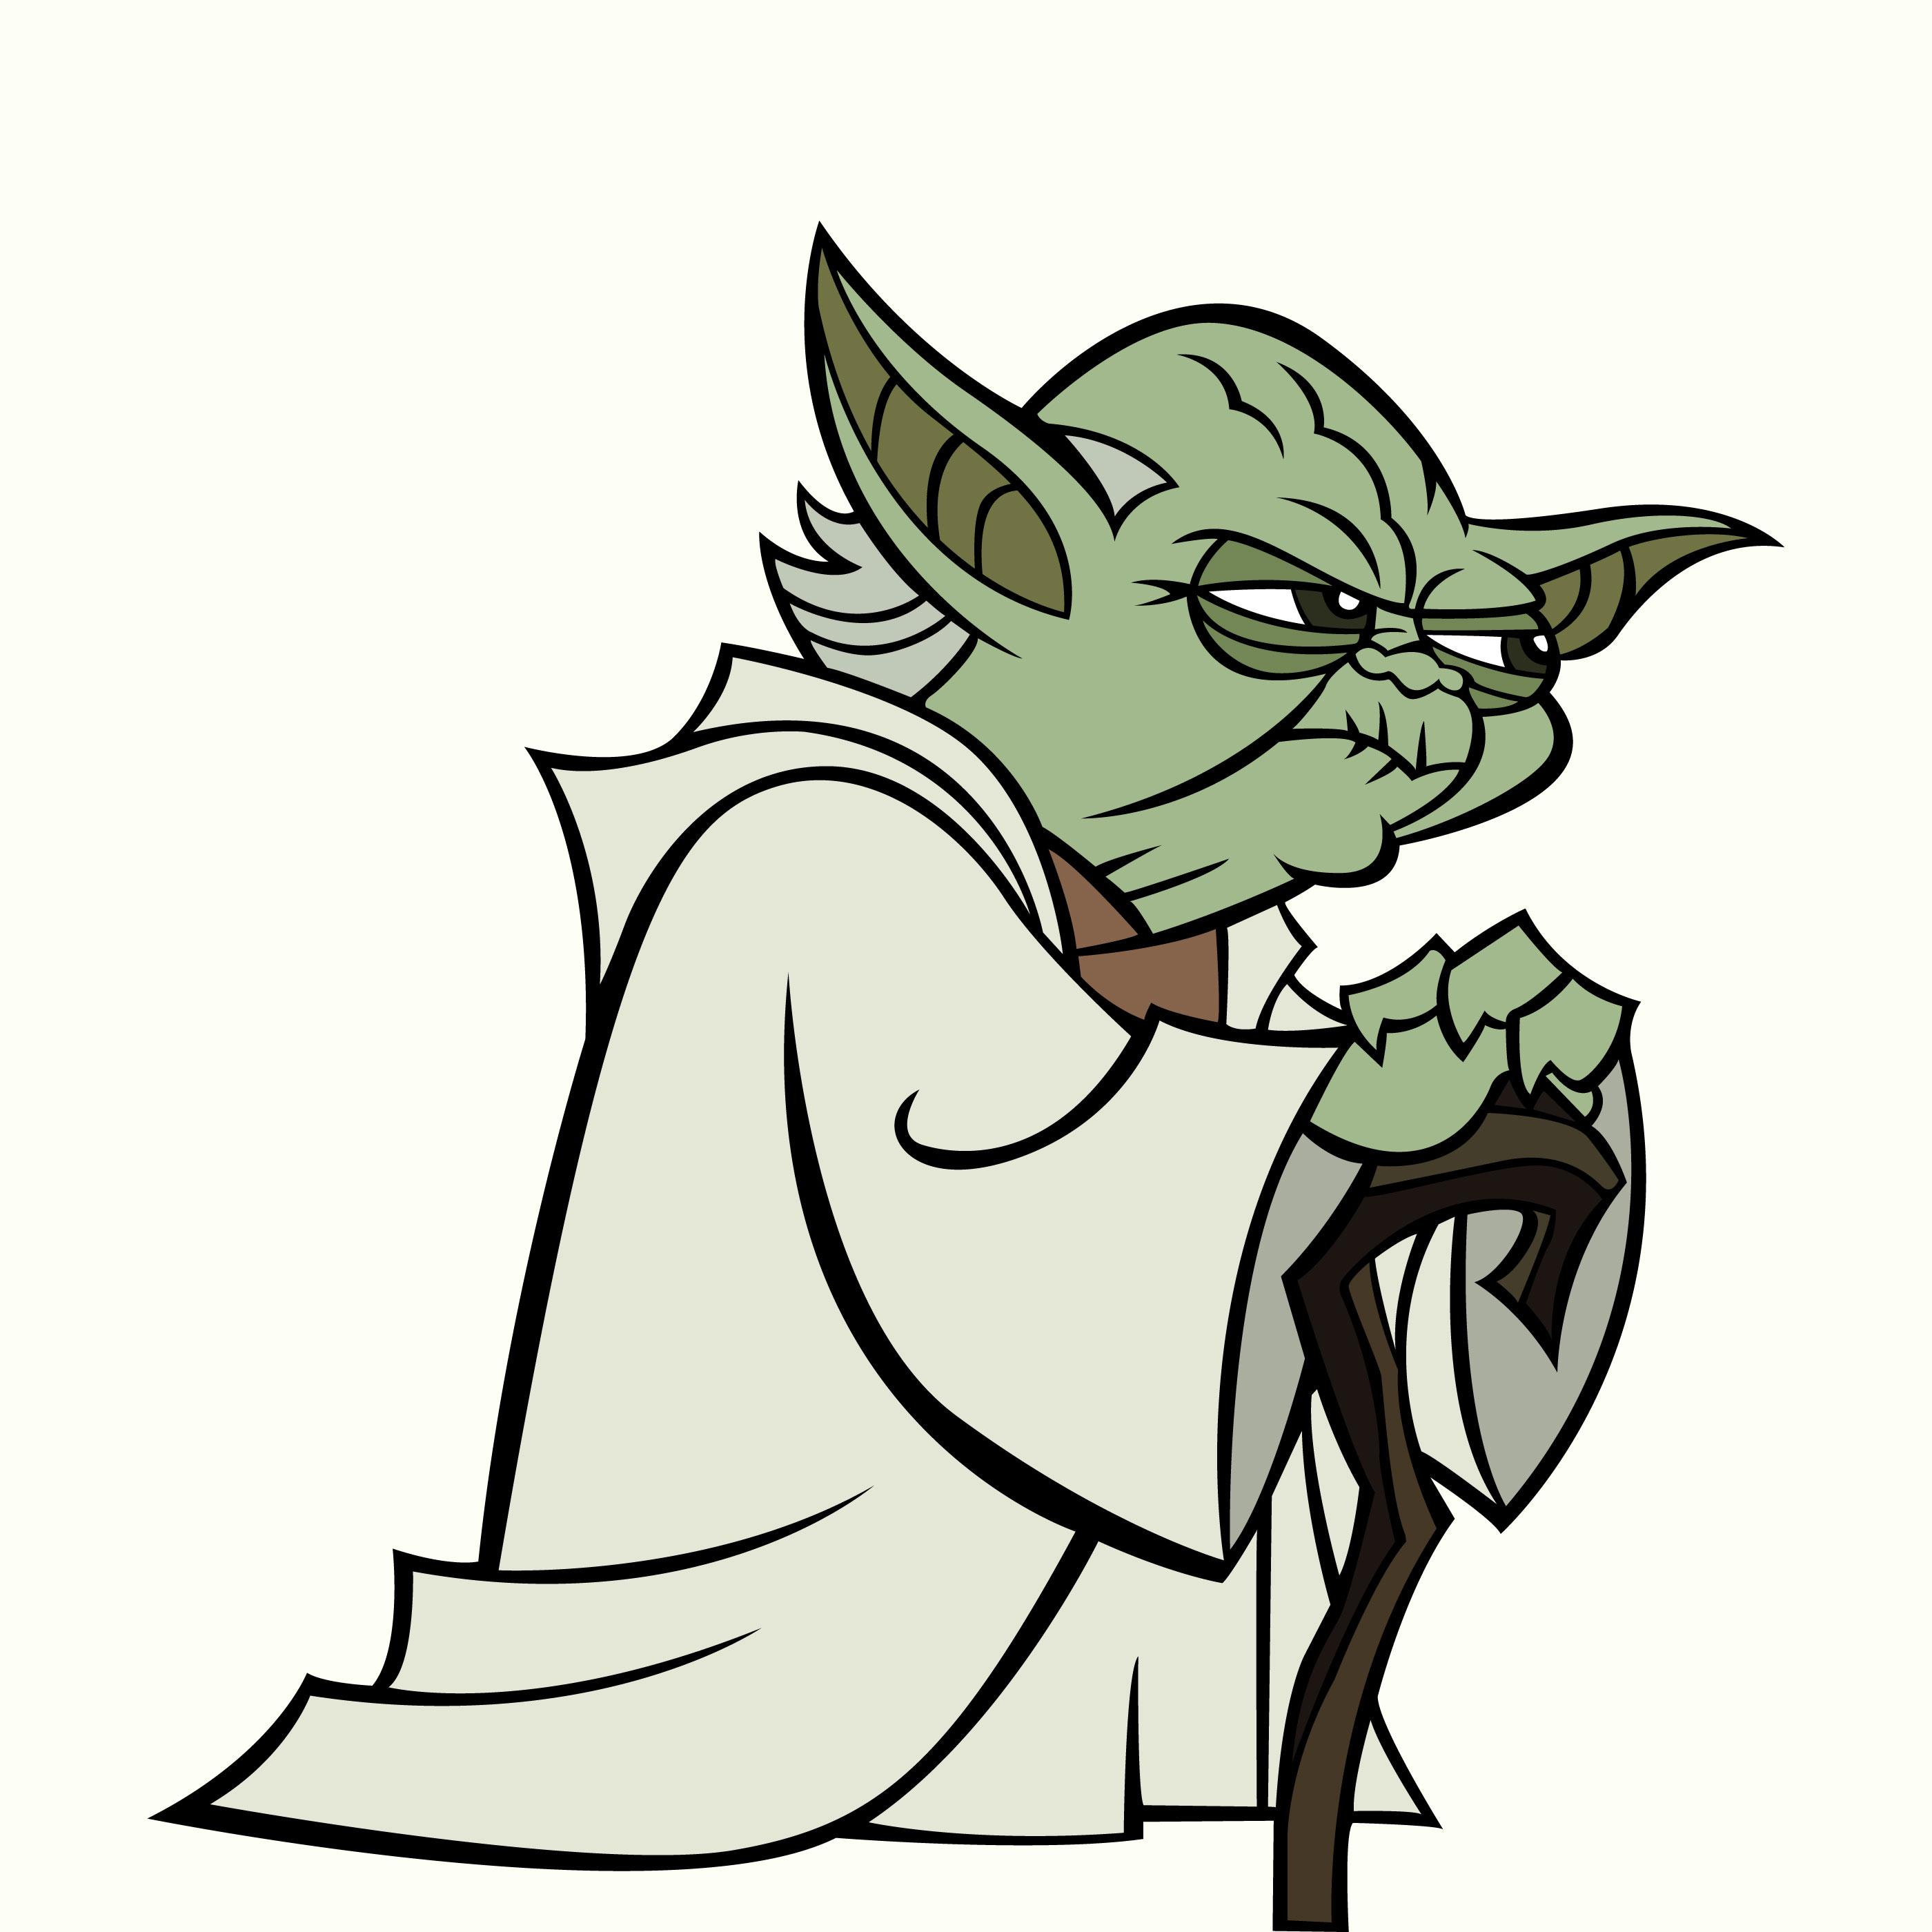 Yoda Star Wars Free Vector Art.